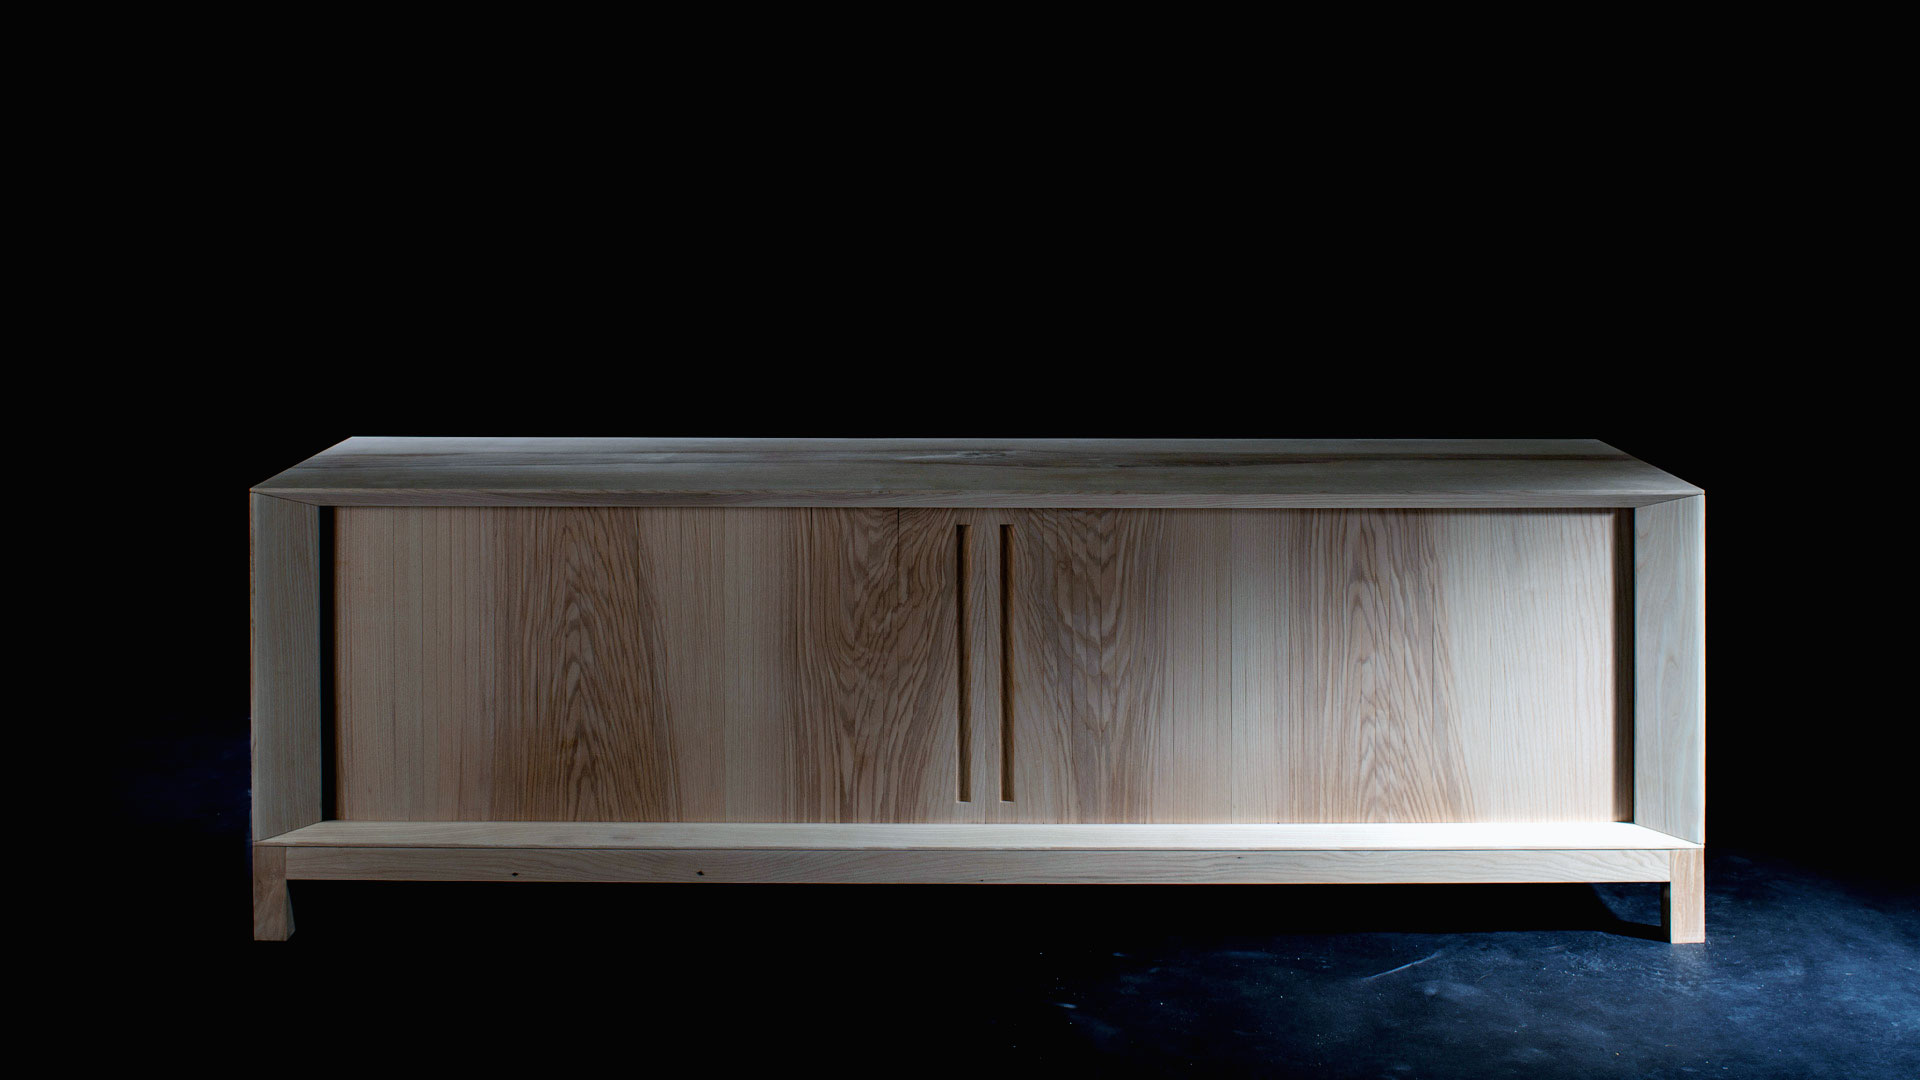 03-Rolleta-galerie-futuro-studio